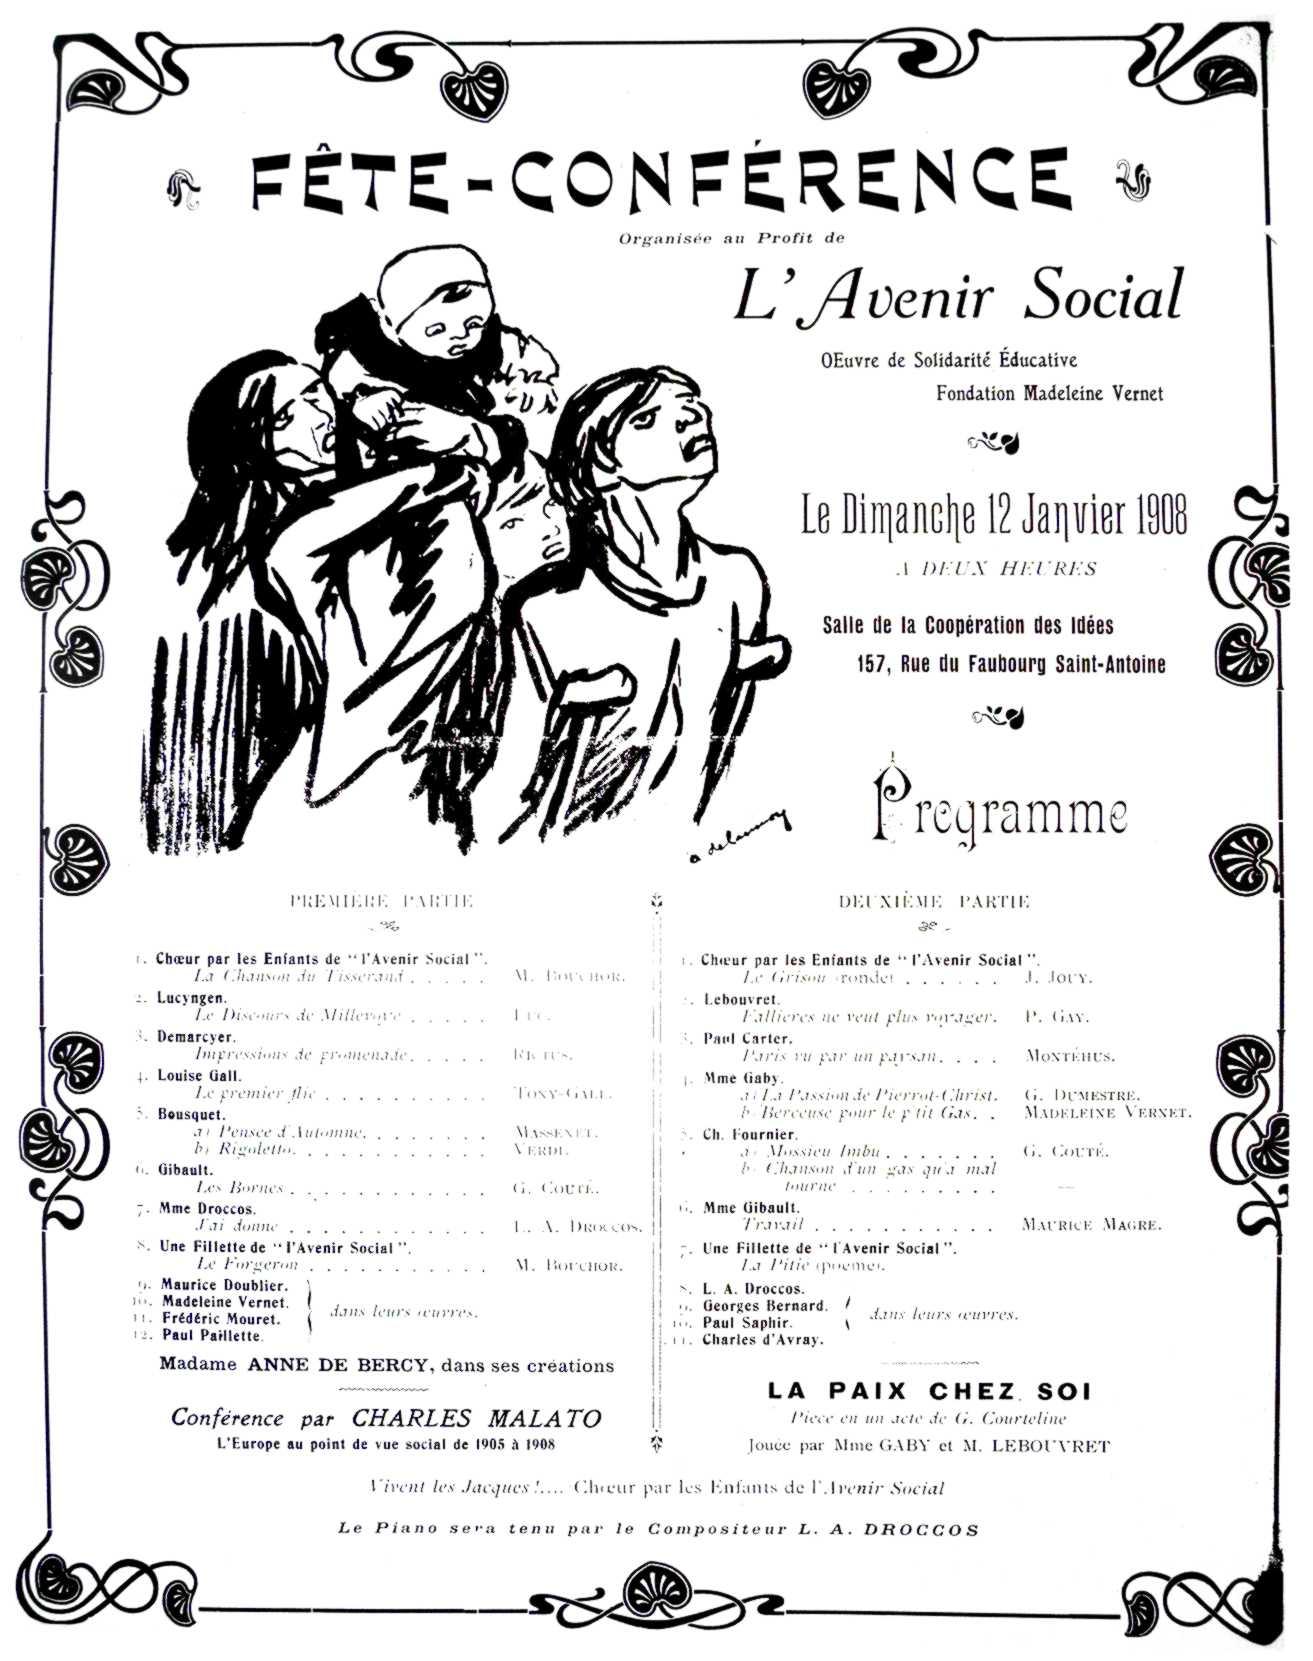 """Anunci de la Festa-Conferència pro """"L'Avenir Social"""""""